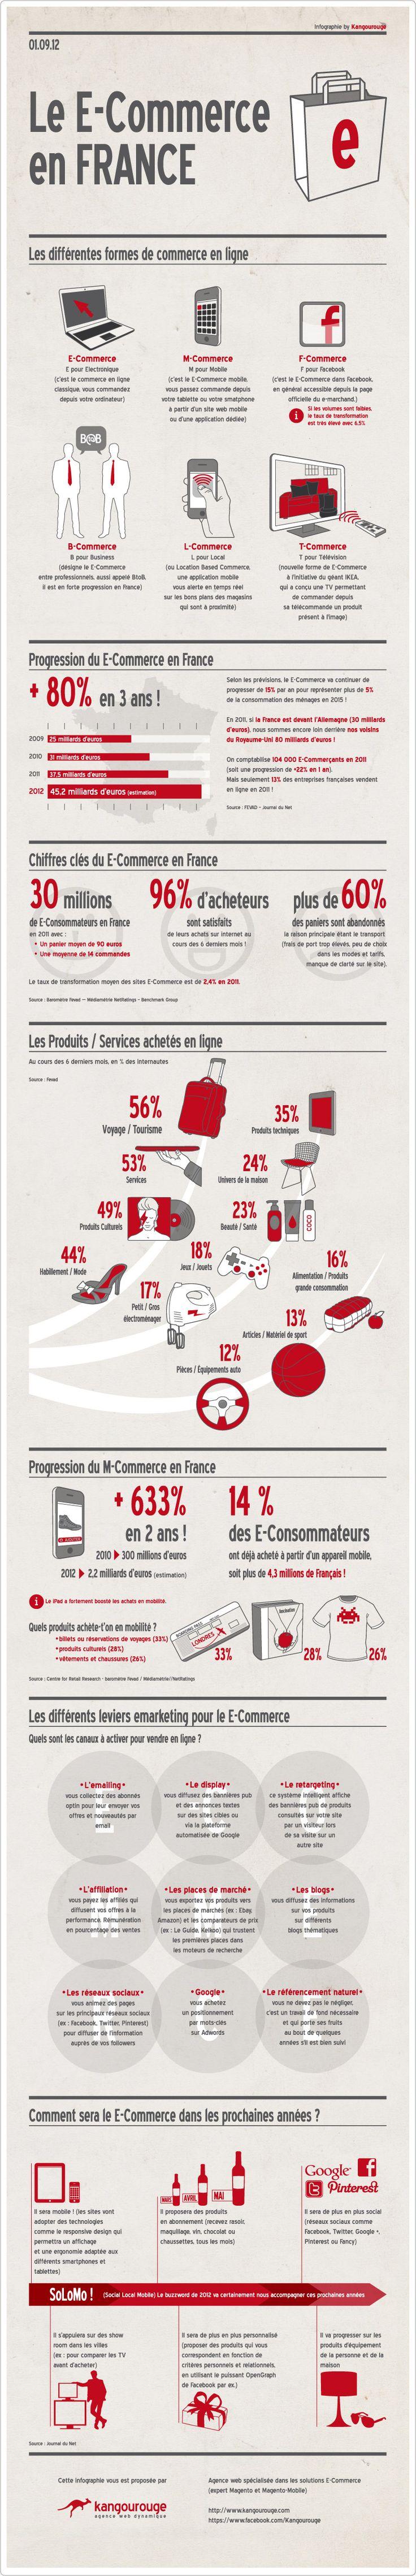 Je pense que le SoLoMo va prendre une part de plus en plus importante dans le #ecommerce (Infographie sur le E-commerce en France)